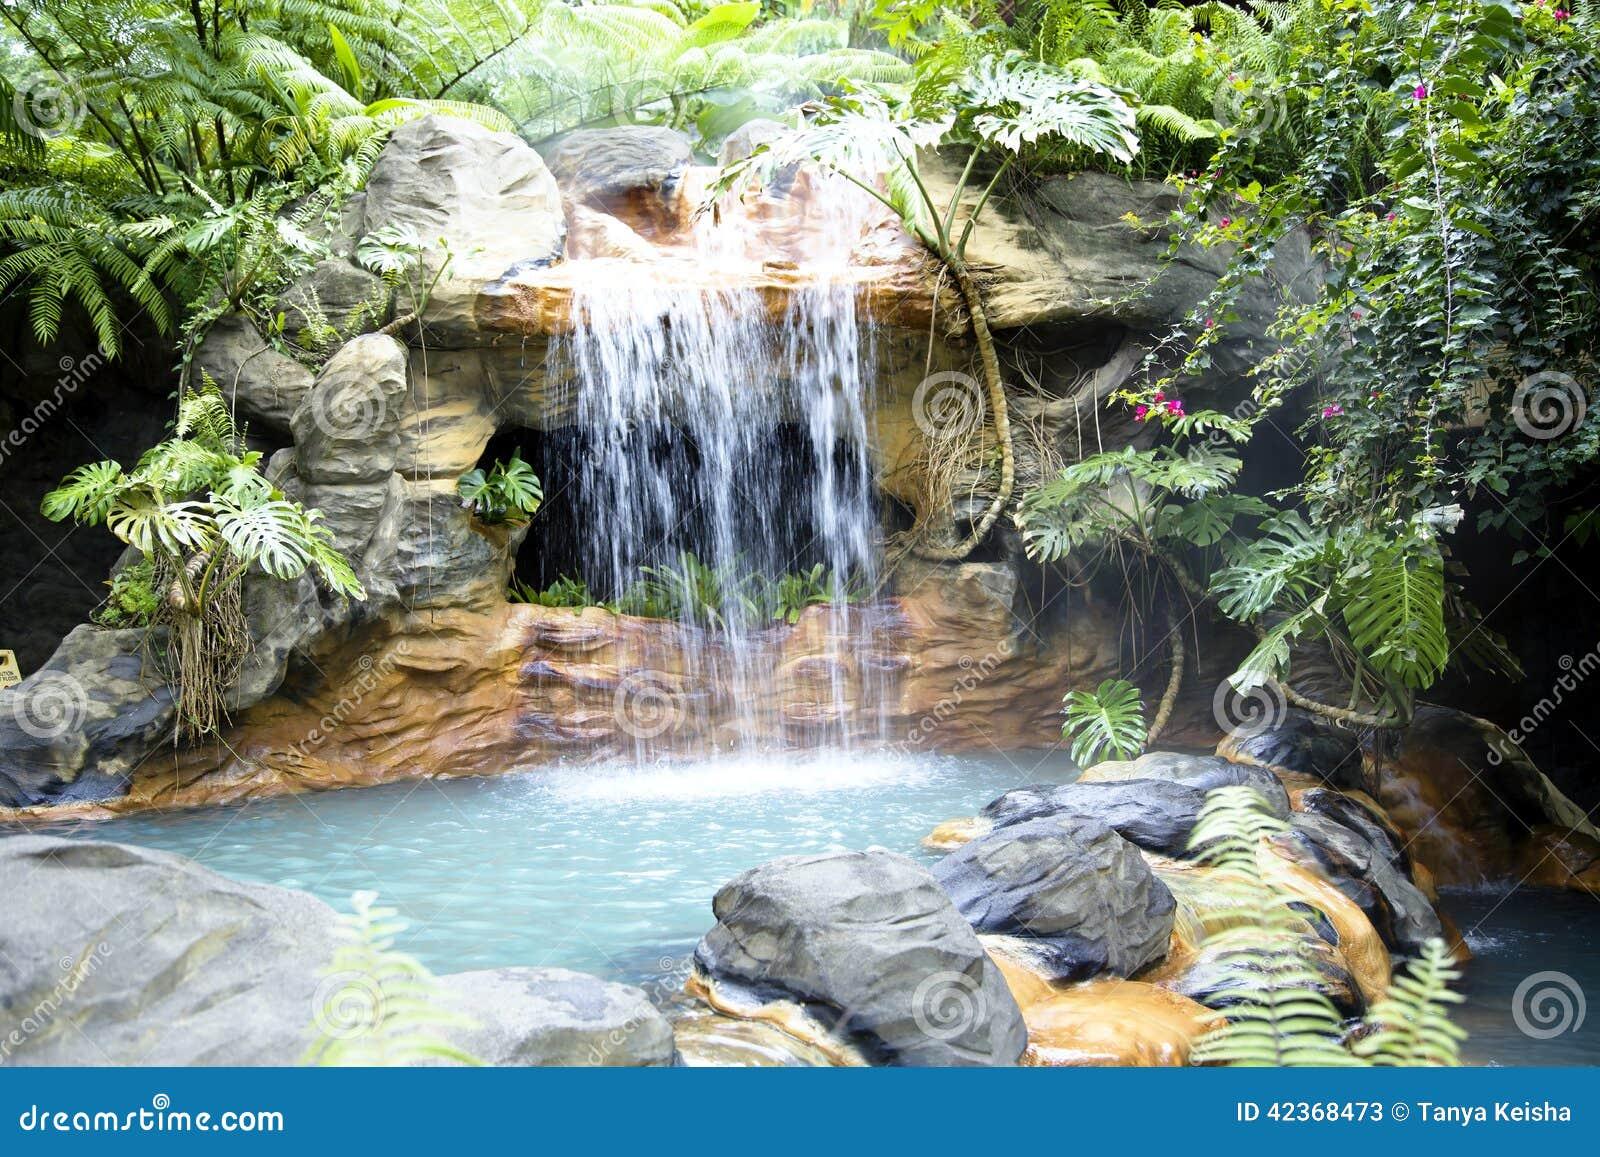 Piscine avec de l 39 eau une cascade et thermique chaud photo stock image - Piscine avec cascade ...